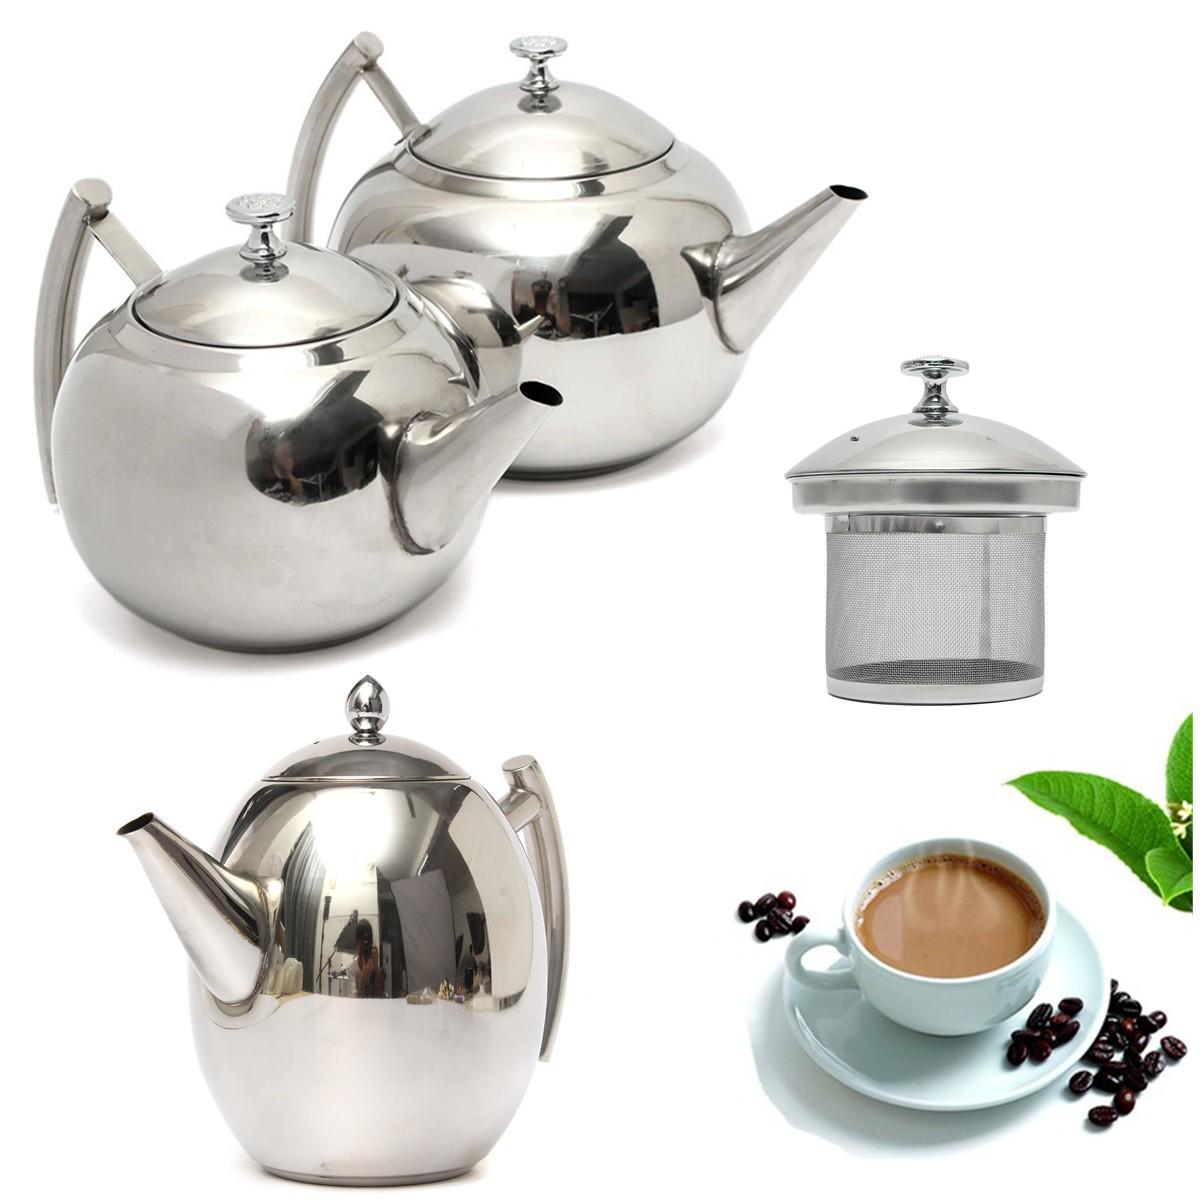 1500/2000ML Sliver Чайник нержавеющей стали Круг Чайник Чайник Чайник Чайник Фильтр Infuser Прочный кофе холодная вода горшок Главная инструменты фото